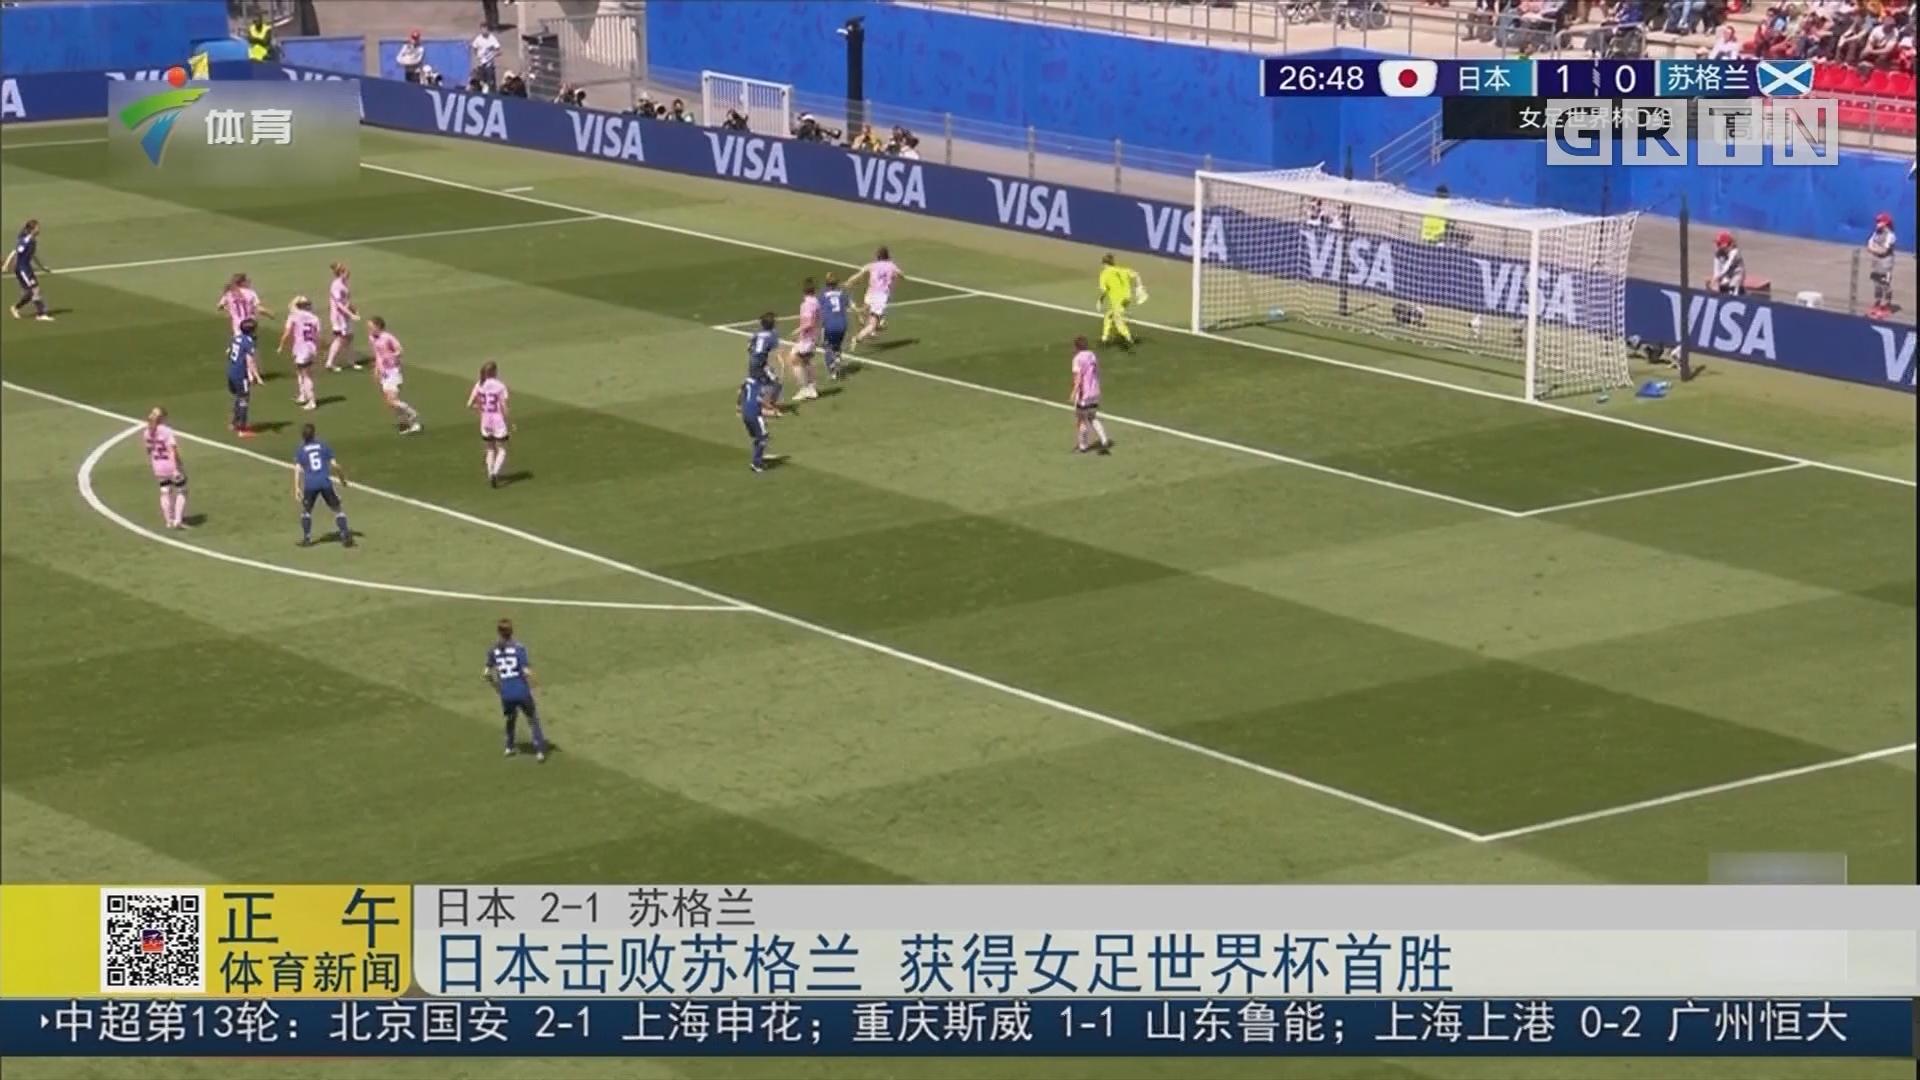 日本击败苏格兰 获得女足世界杯首胜